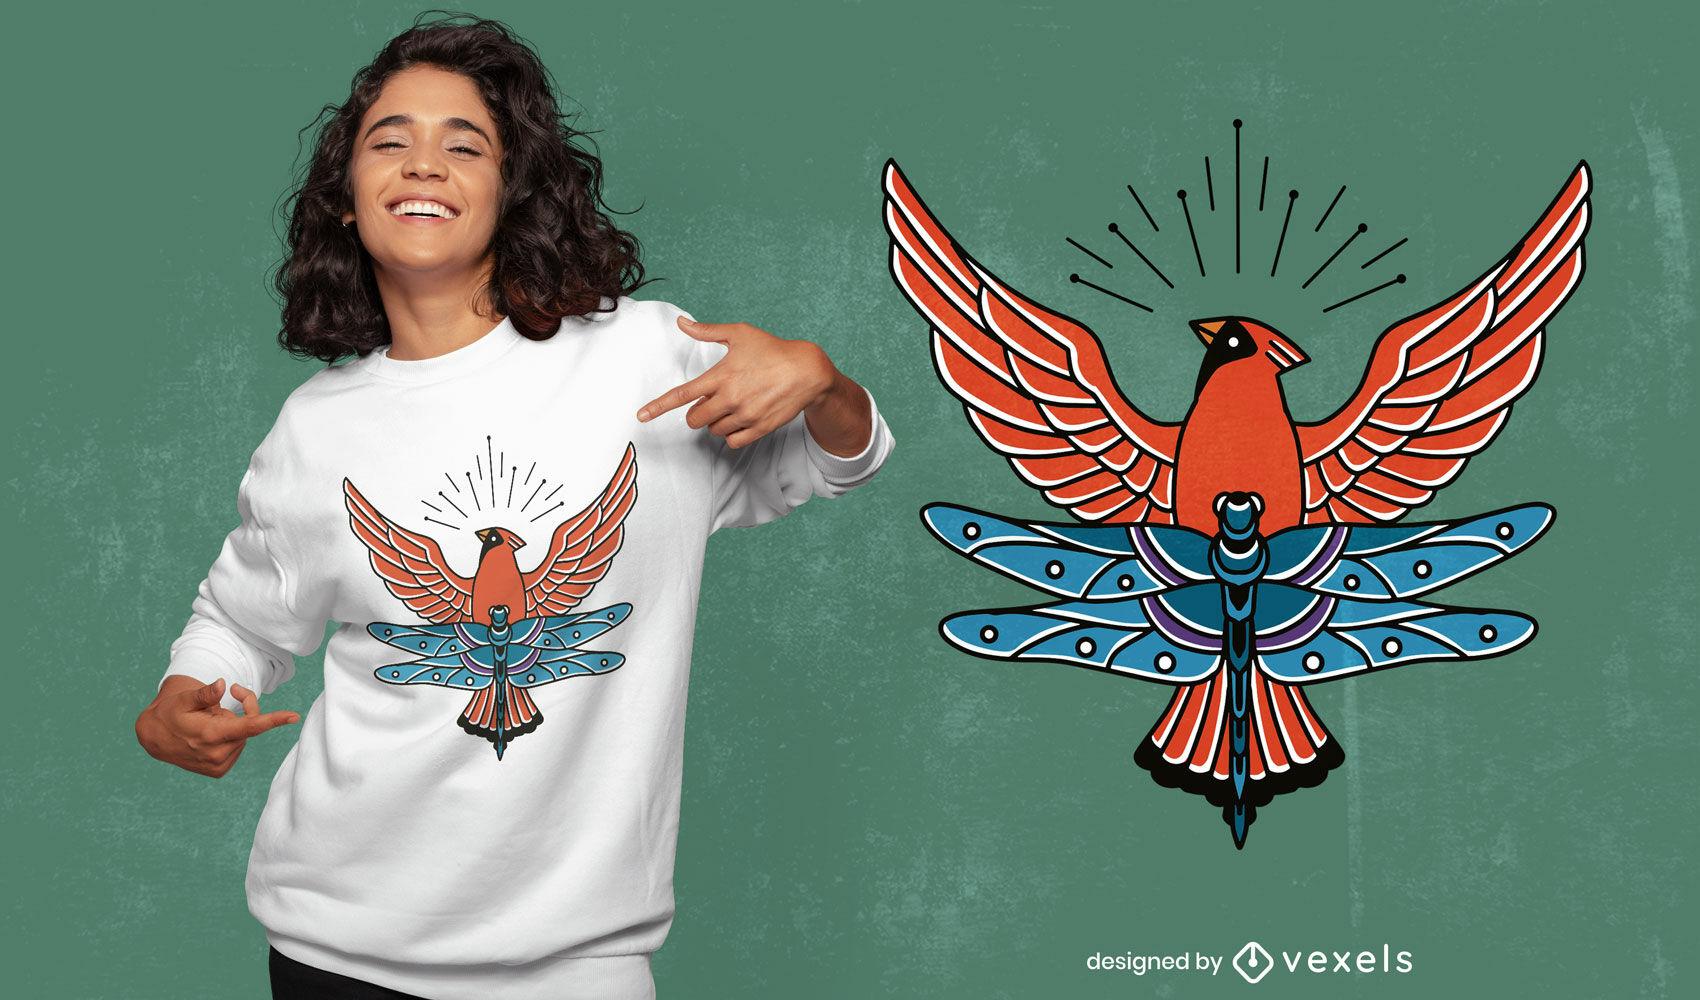 Cardinal bird and dragonfly t-shirt design